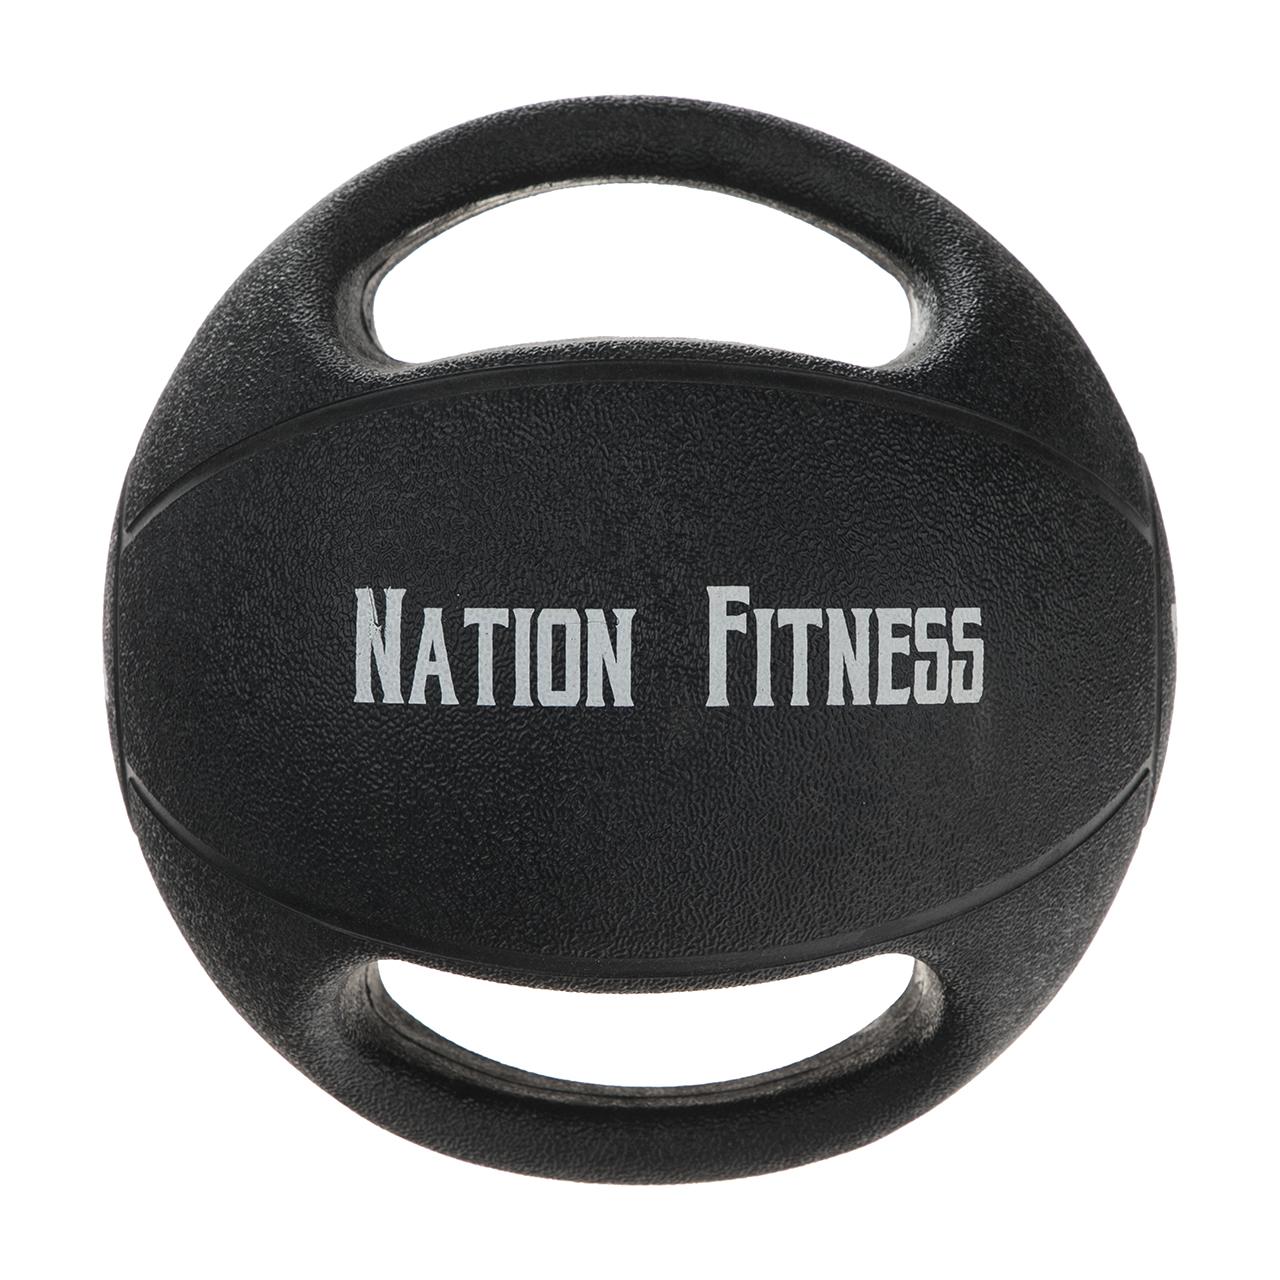 توپ مدیسن بال نیشن فیتنس مدل Bullet وزن 4 کیلوگرم